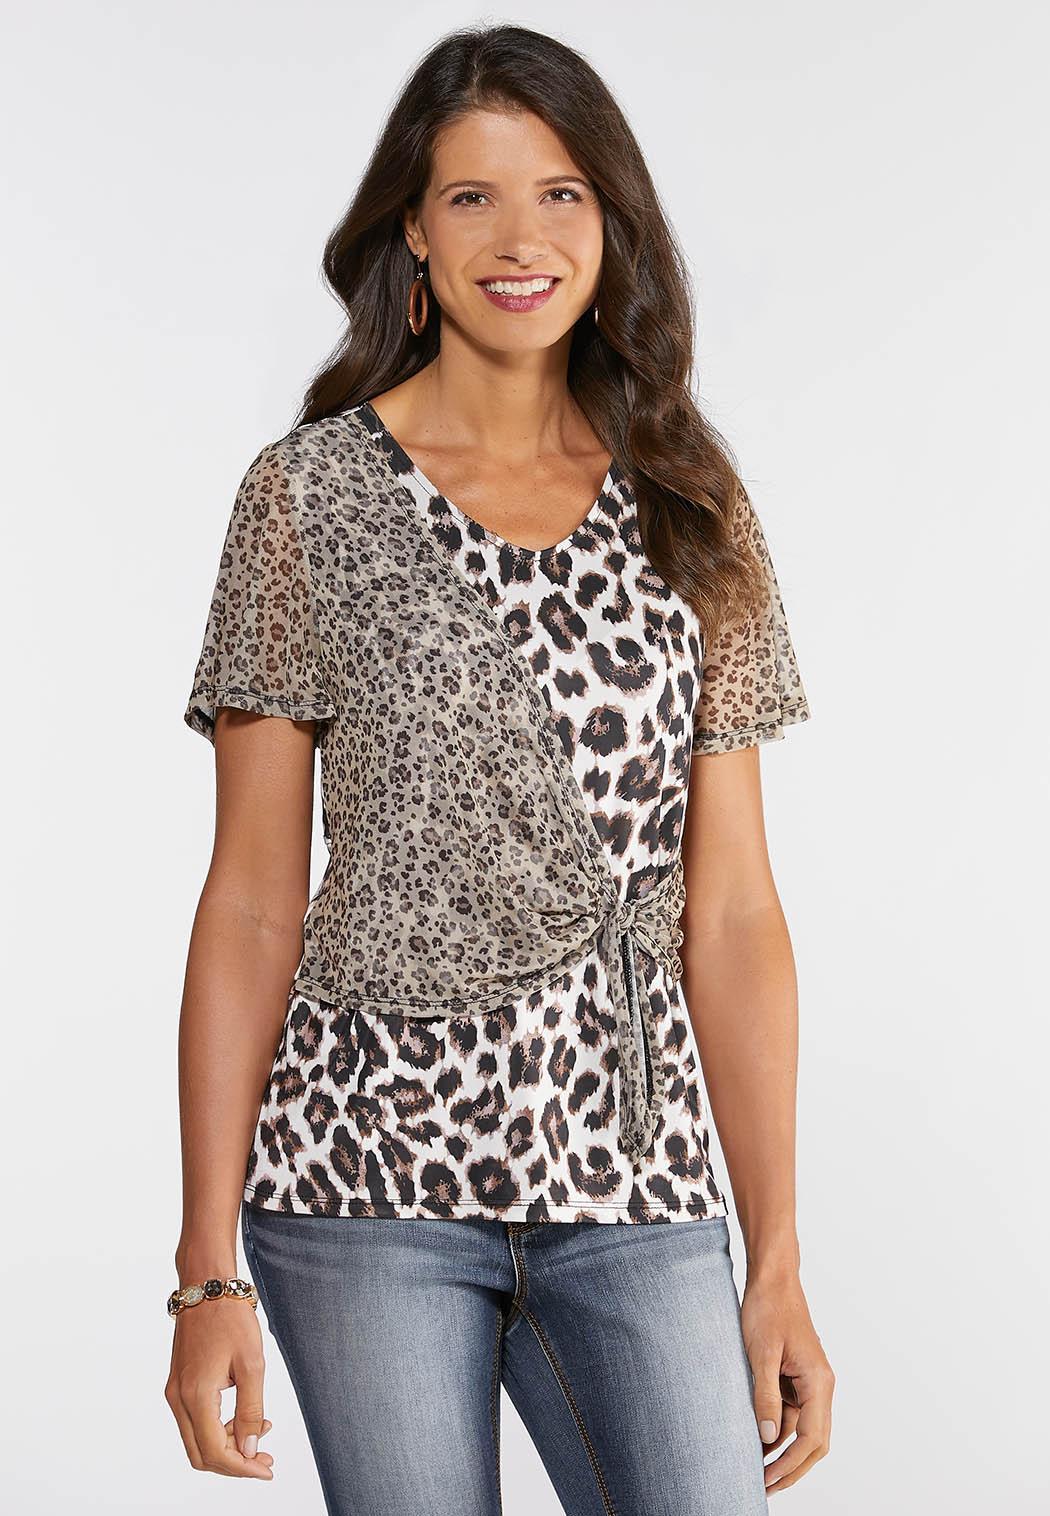 Mesh Tie Front Cheetah Top